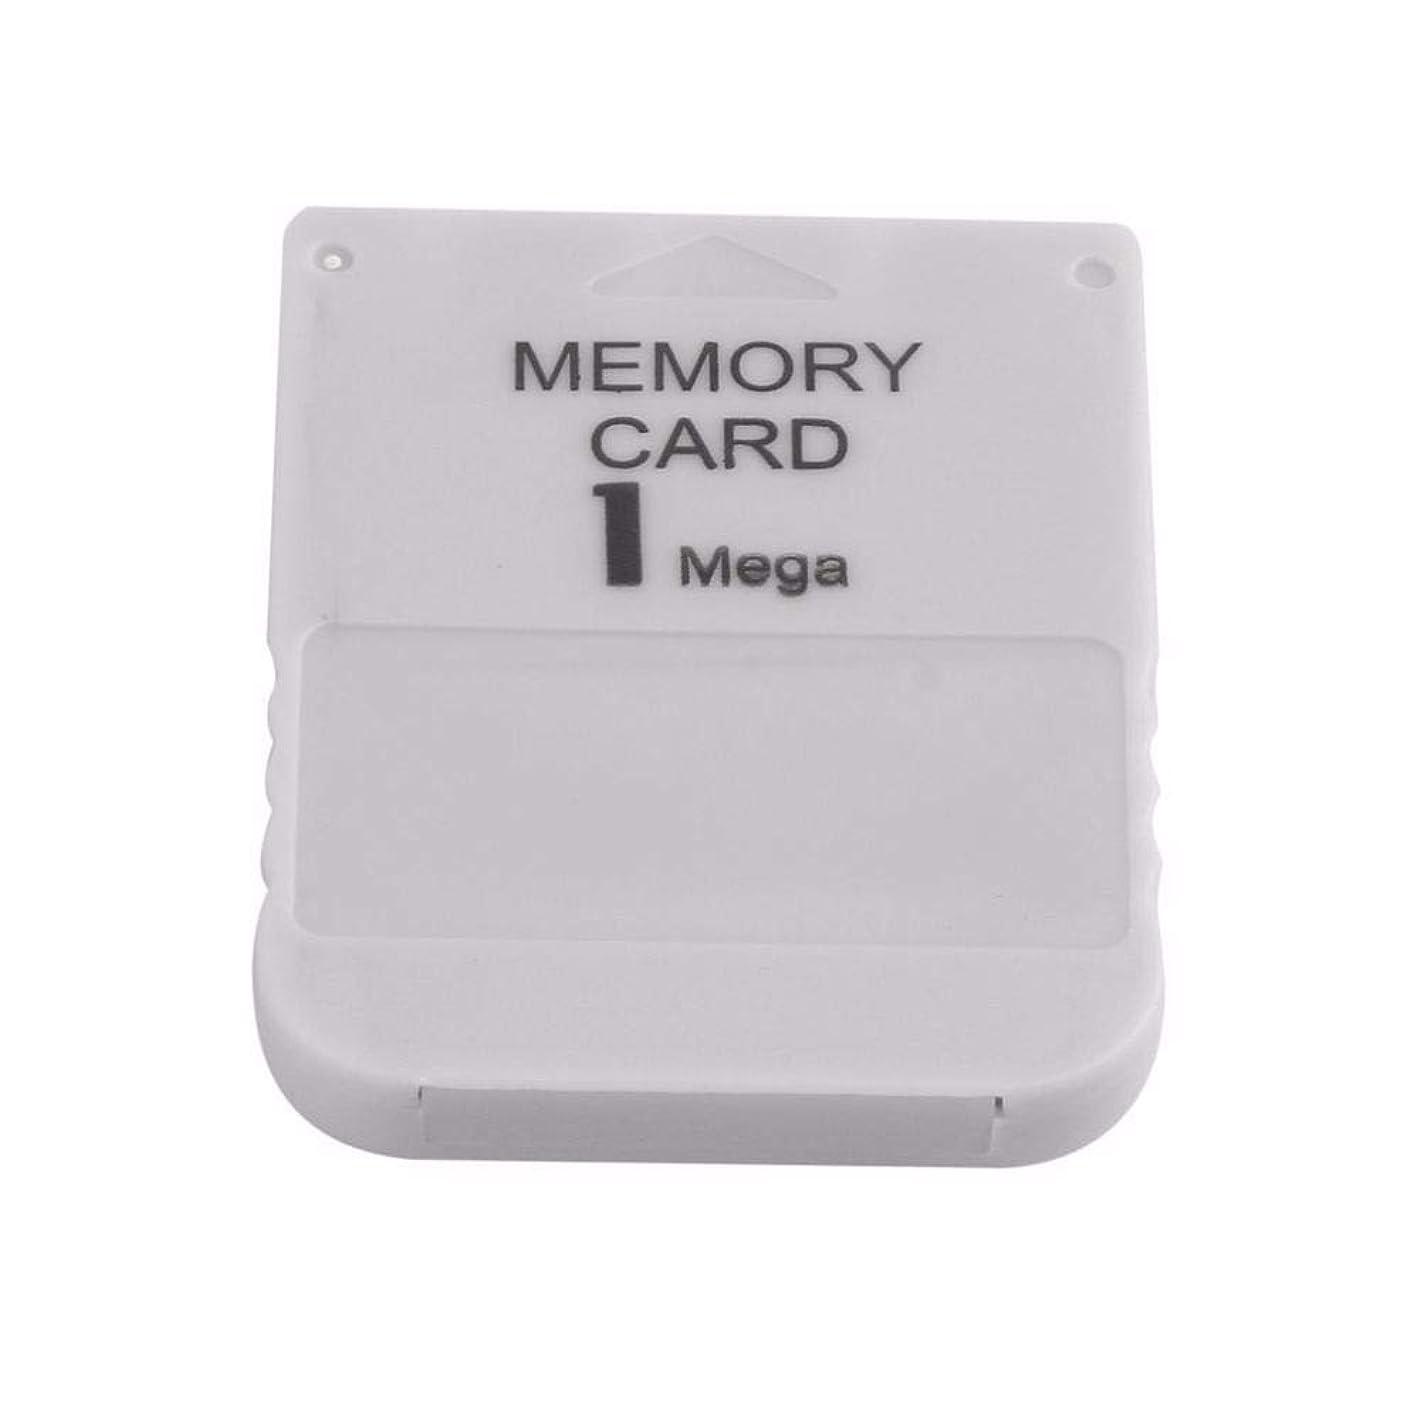 コンパス解明する耐えられないMoligh doll 1MBメモリカード Playstation 1 PS1 PSx Game 1 MB用